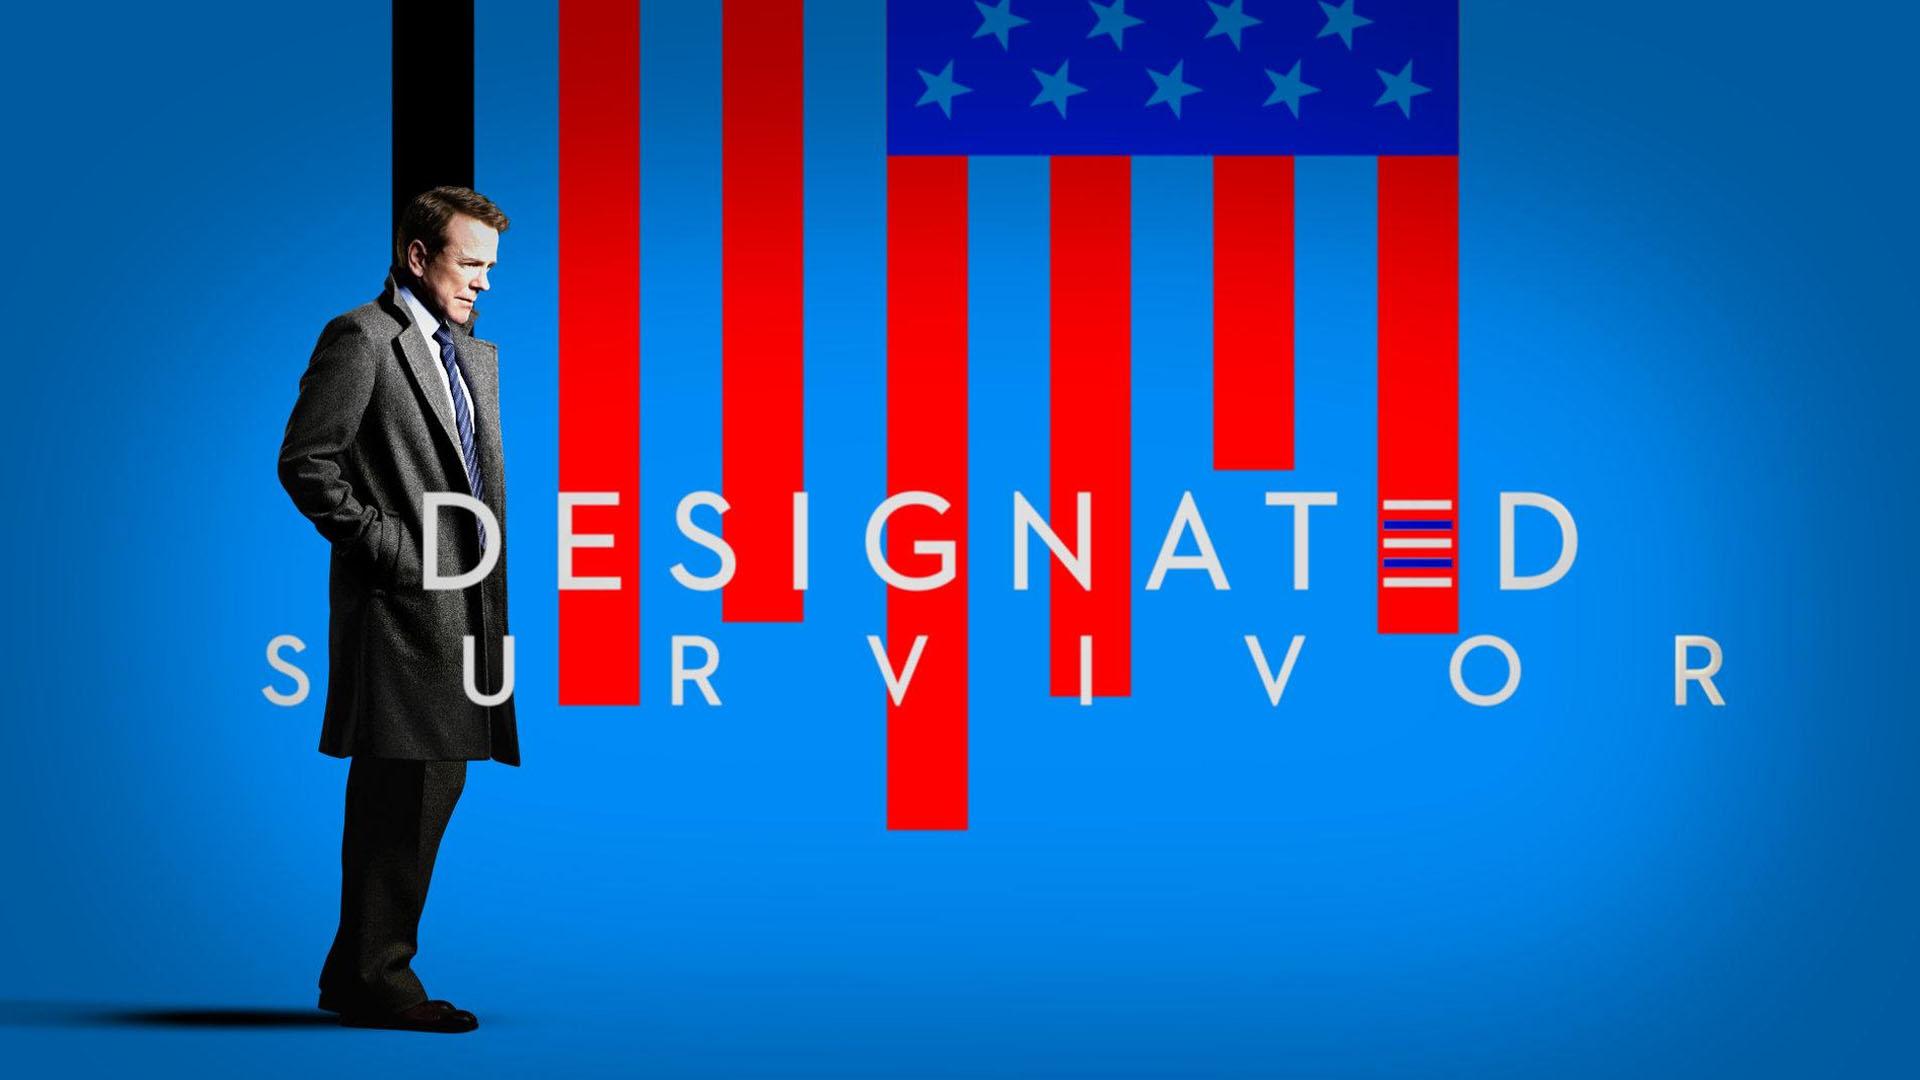 Designated Survivor krijgt een vervolg bij Netflix